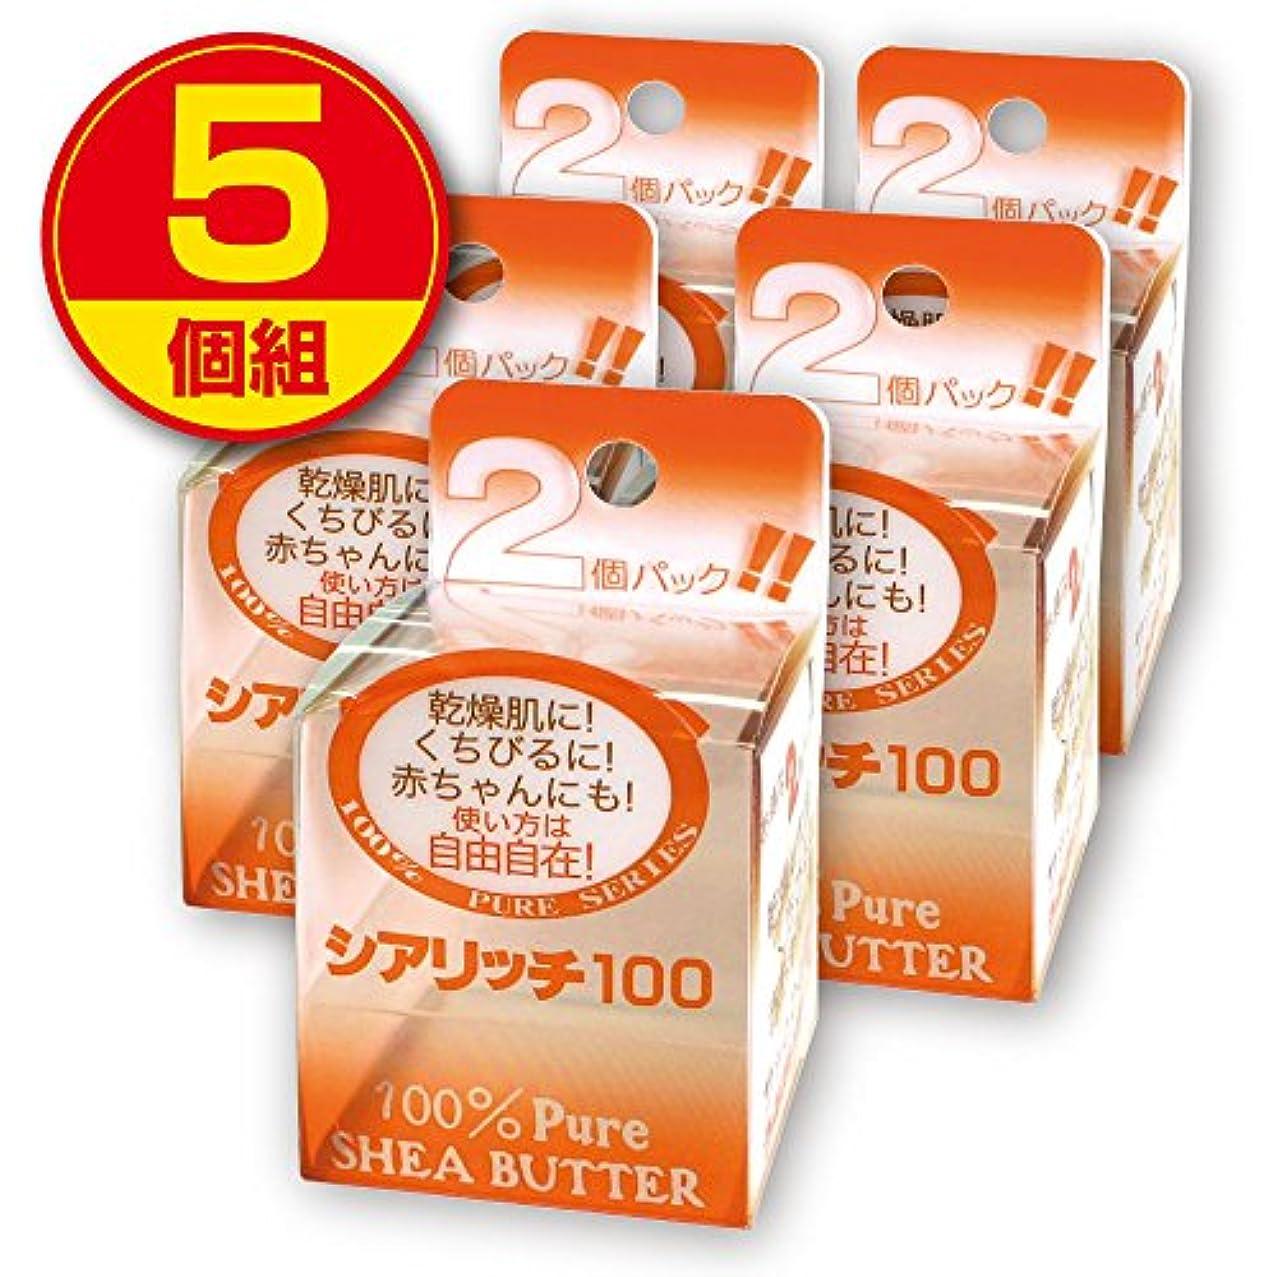 自由素晴らしい良い多くの探検日本天然物研究所 シアリッチ100 (8g×2個入り)【5個組】(無添加100%シアバター)無香料